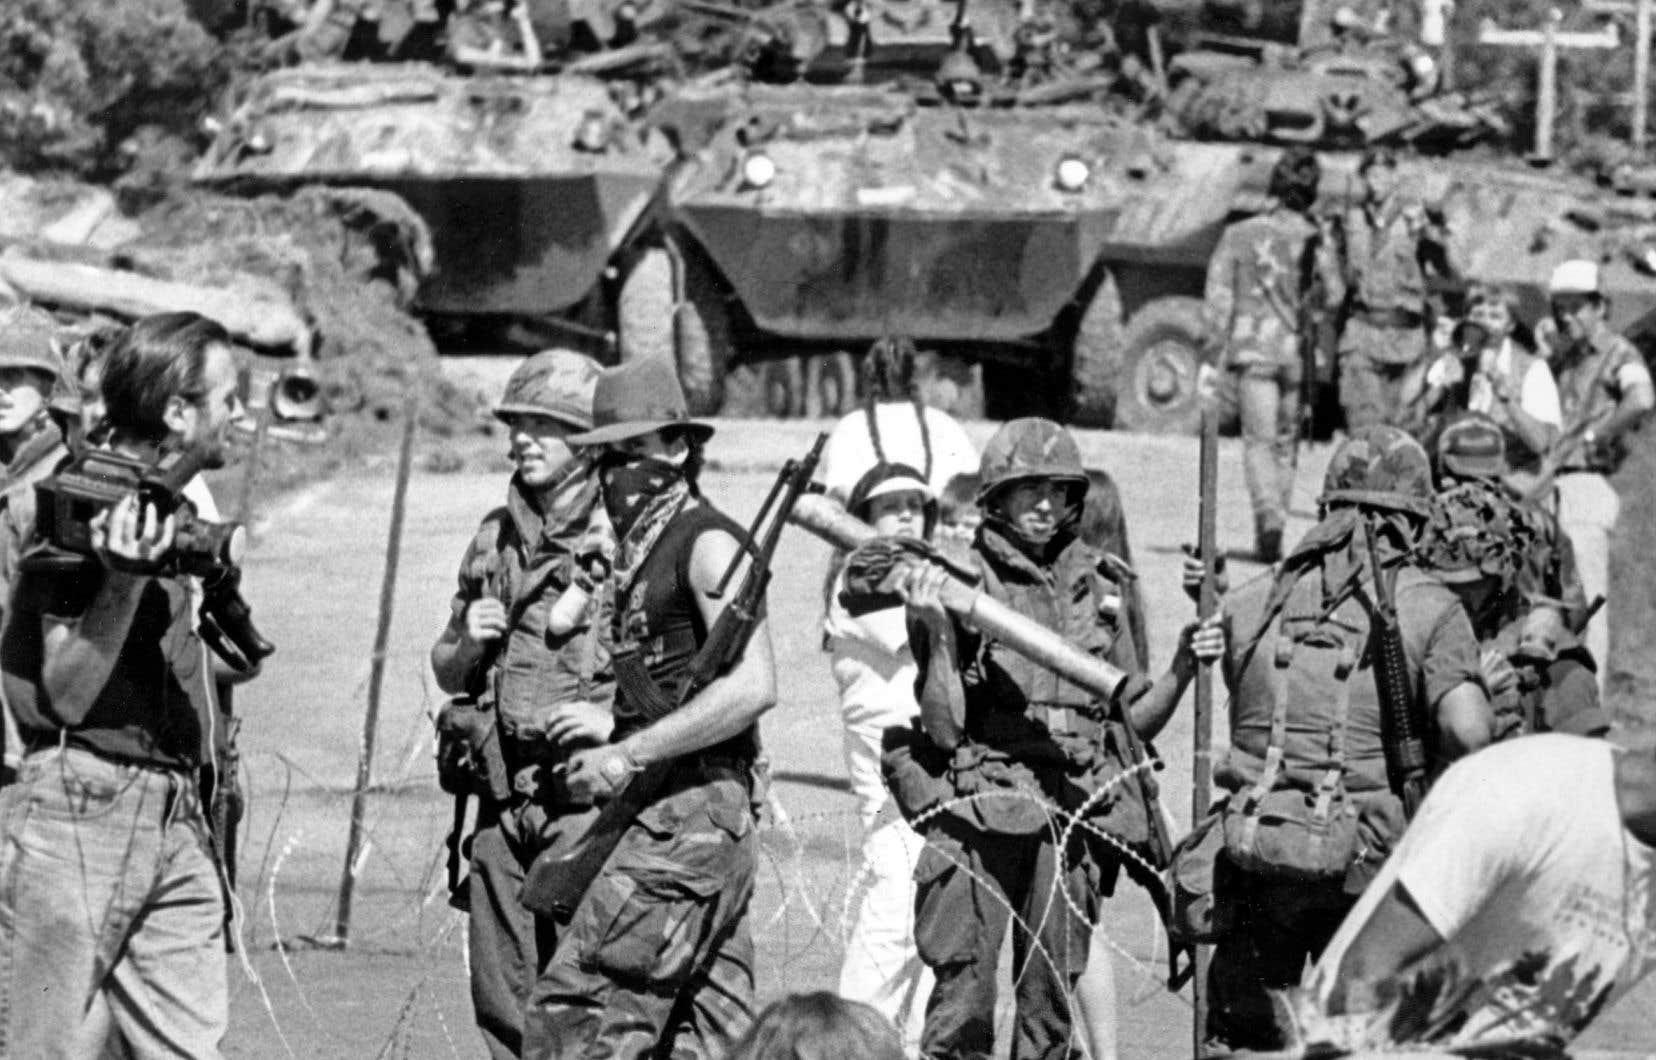 La crise s'étala sur plus de 128jours de conflit: routes et pont bloqués, mobilisation d'une centaine de policiers, intervention de l'armée canadienne. Ces événements ont fortement secoué le Québec et ont eu des répercussions à l'échelle mondiale.